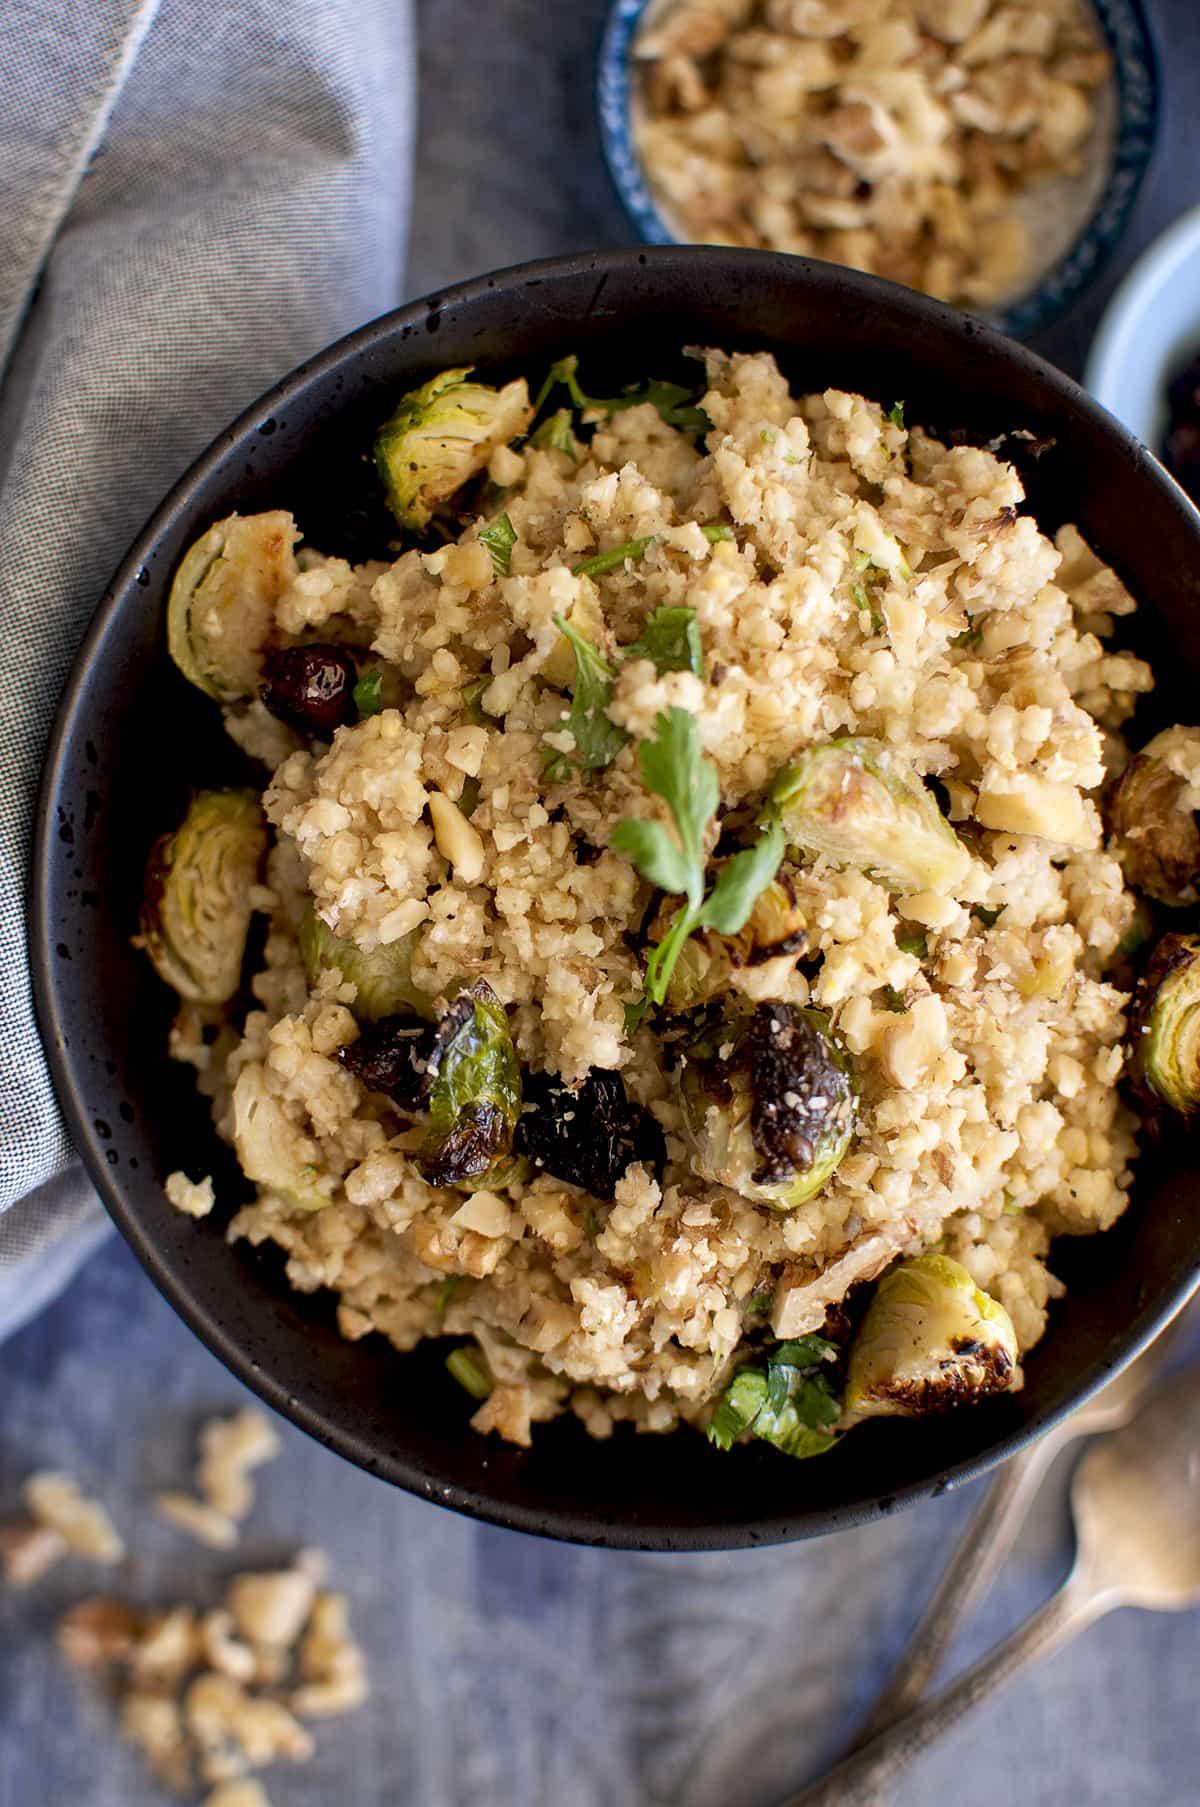 Black bowl with warm millet salad